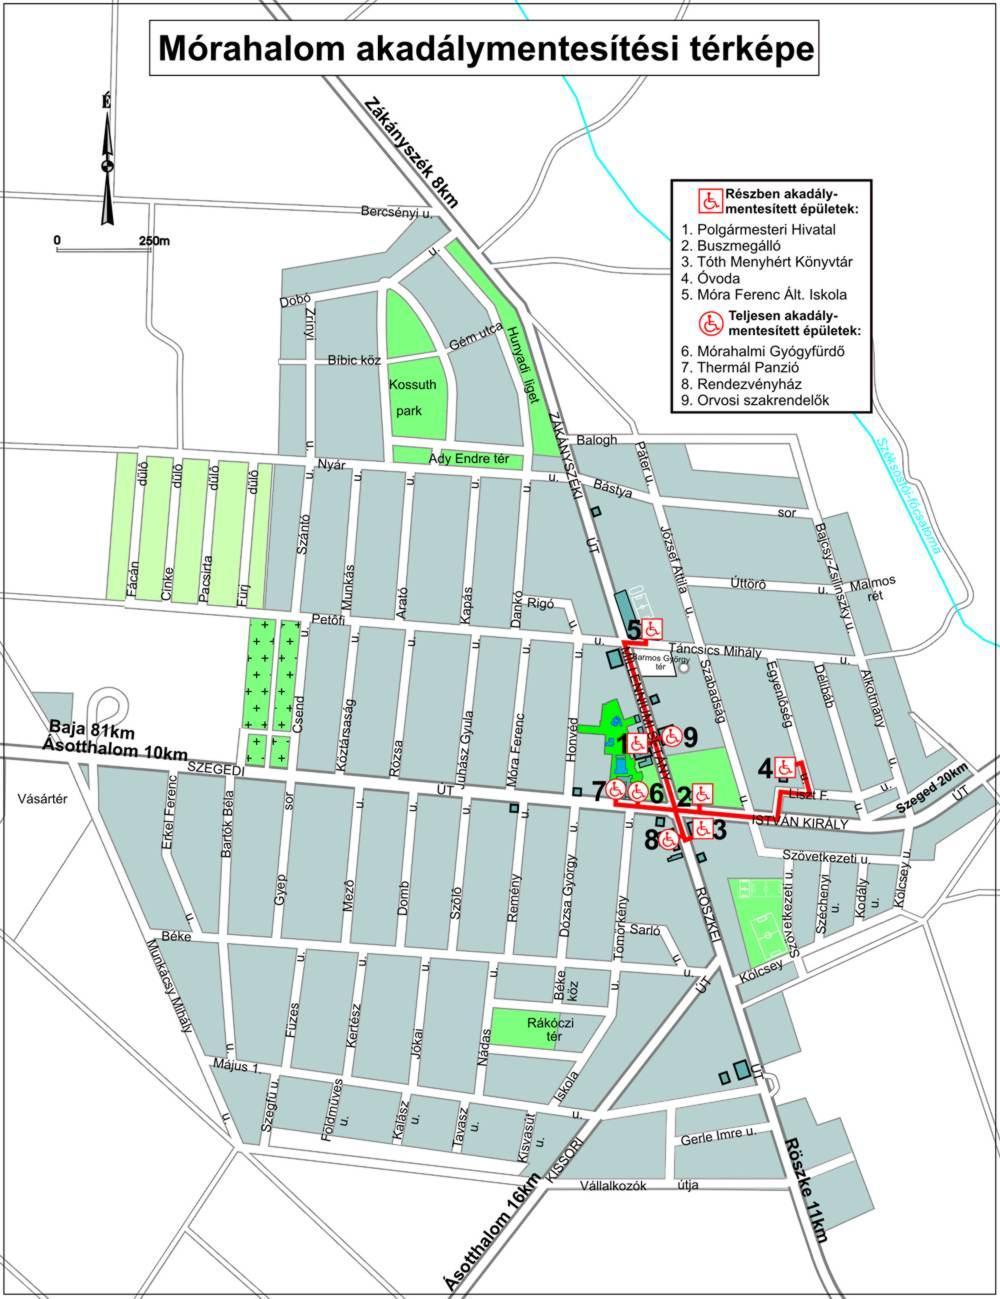 mórahalom térkép Mórahalom : Városunk mórahalom térkép